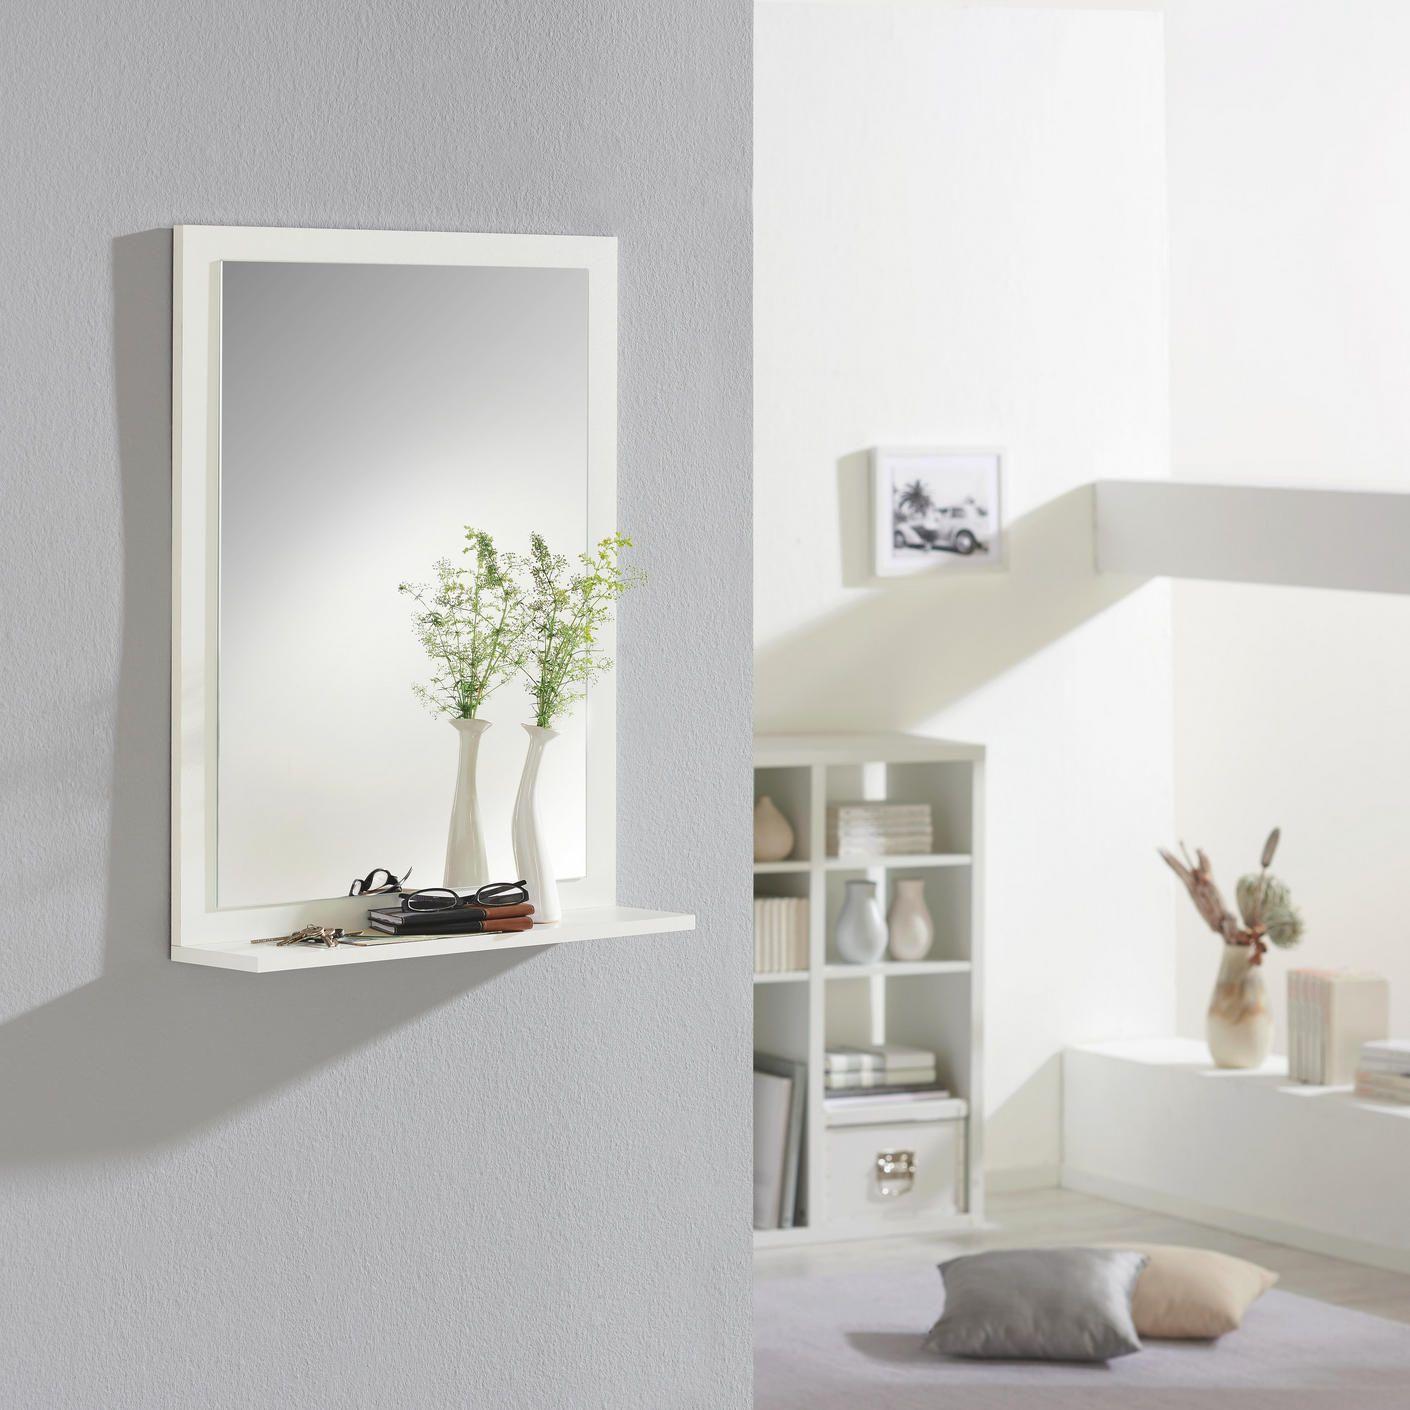 Wandspiegel Spiegel Mit Rahmen Spiegel Spiegel Rahmen Und